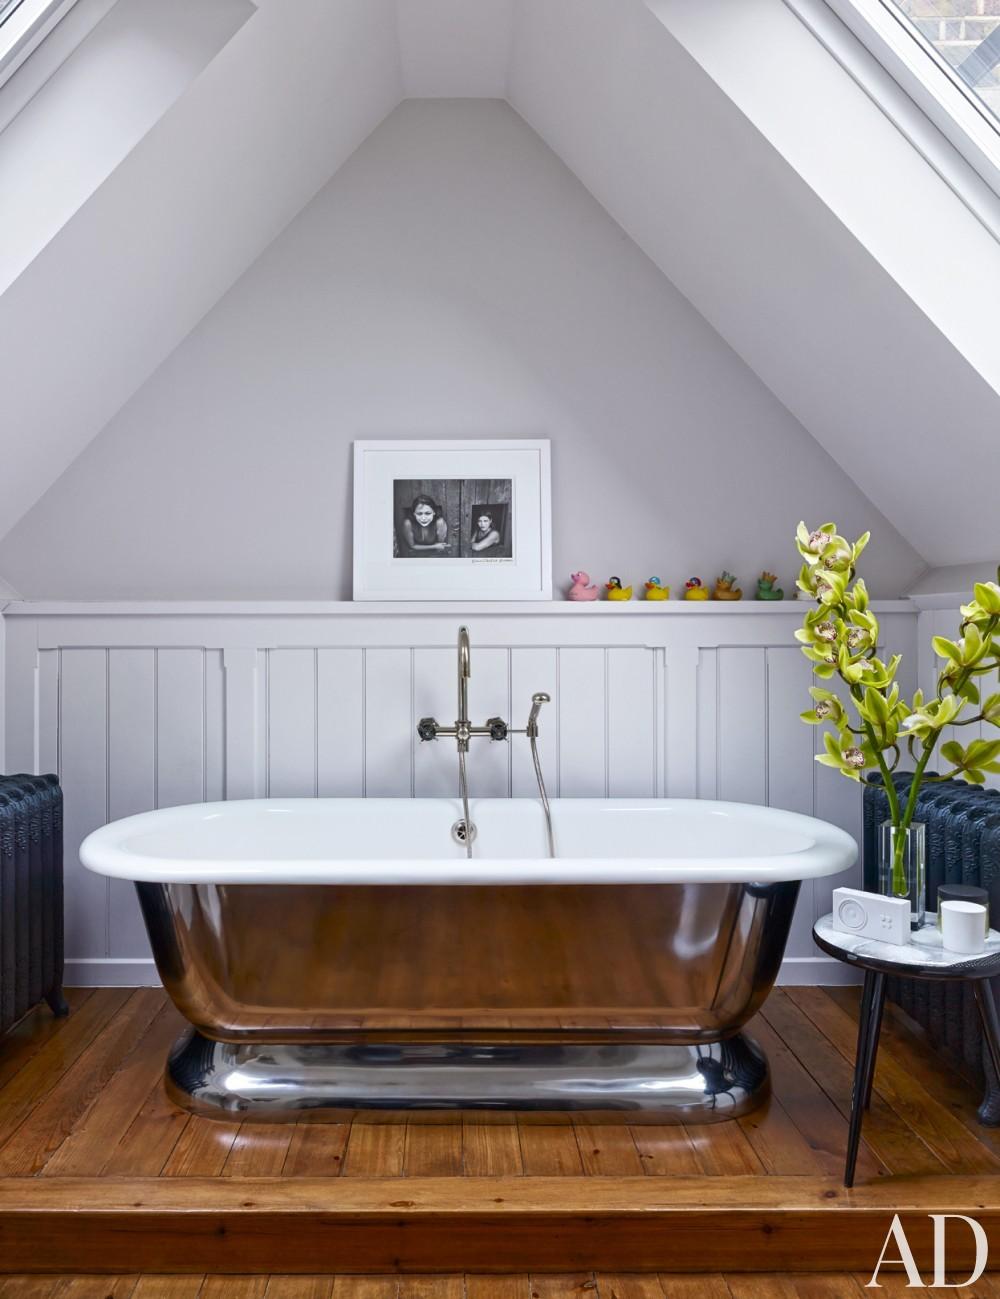 Modern Bathroom by Veere Grenney in London, UK